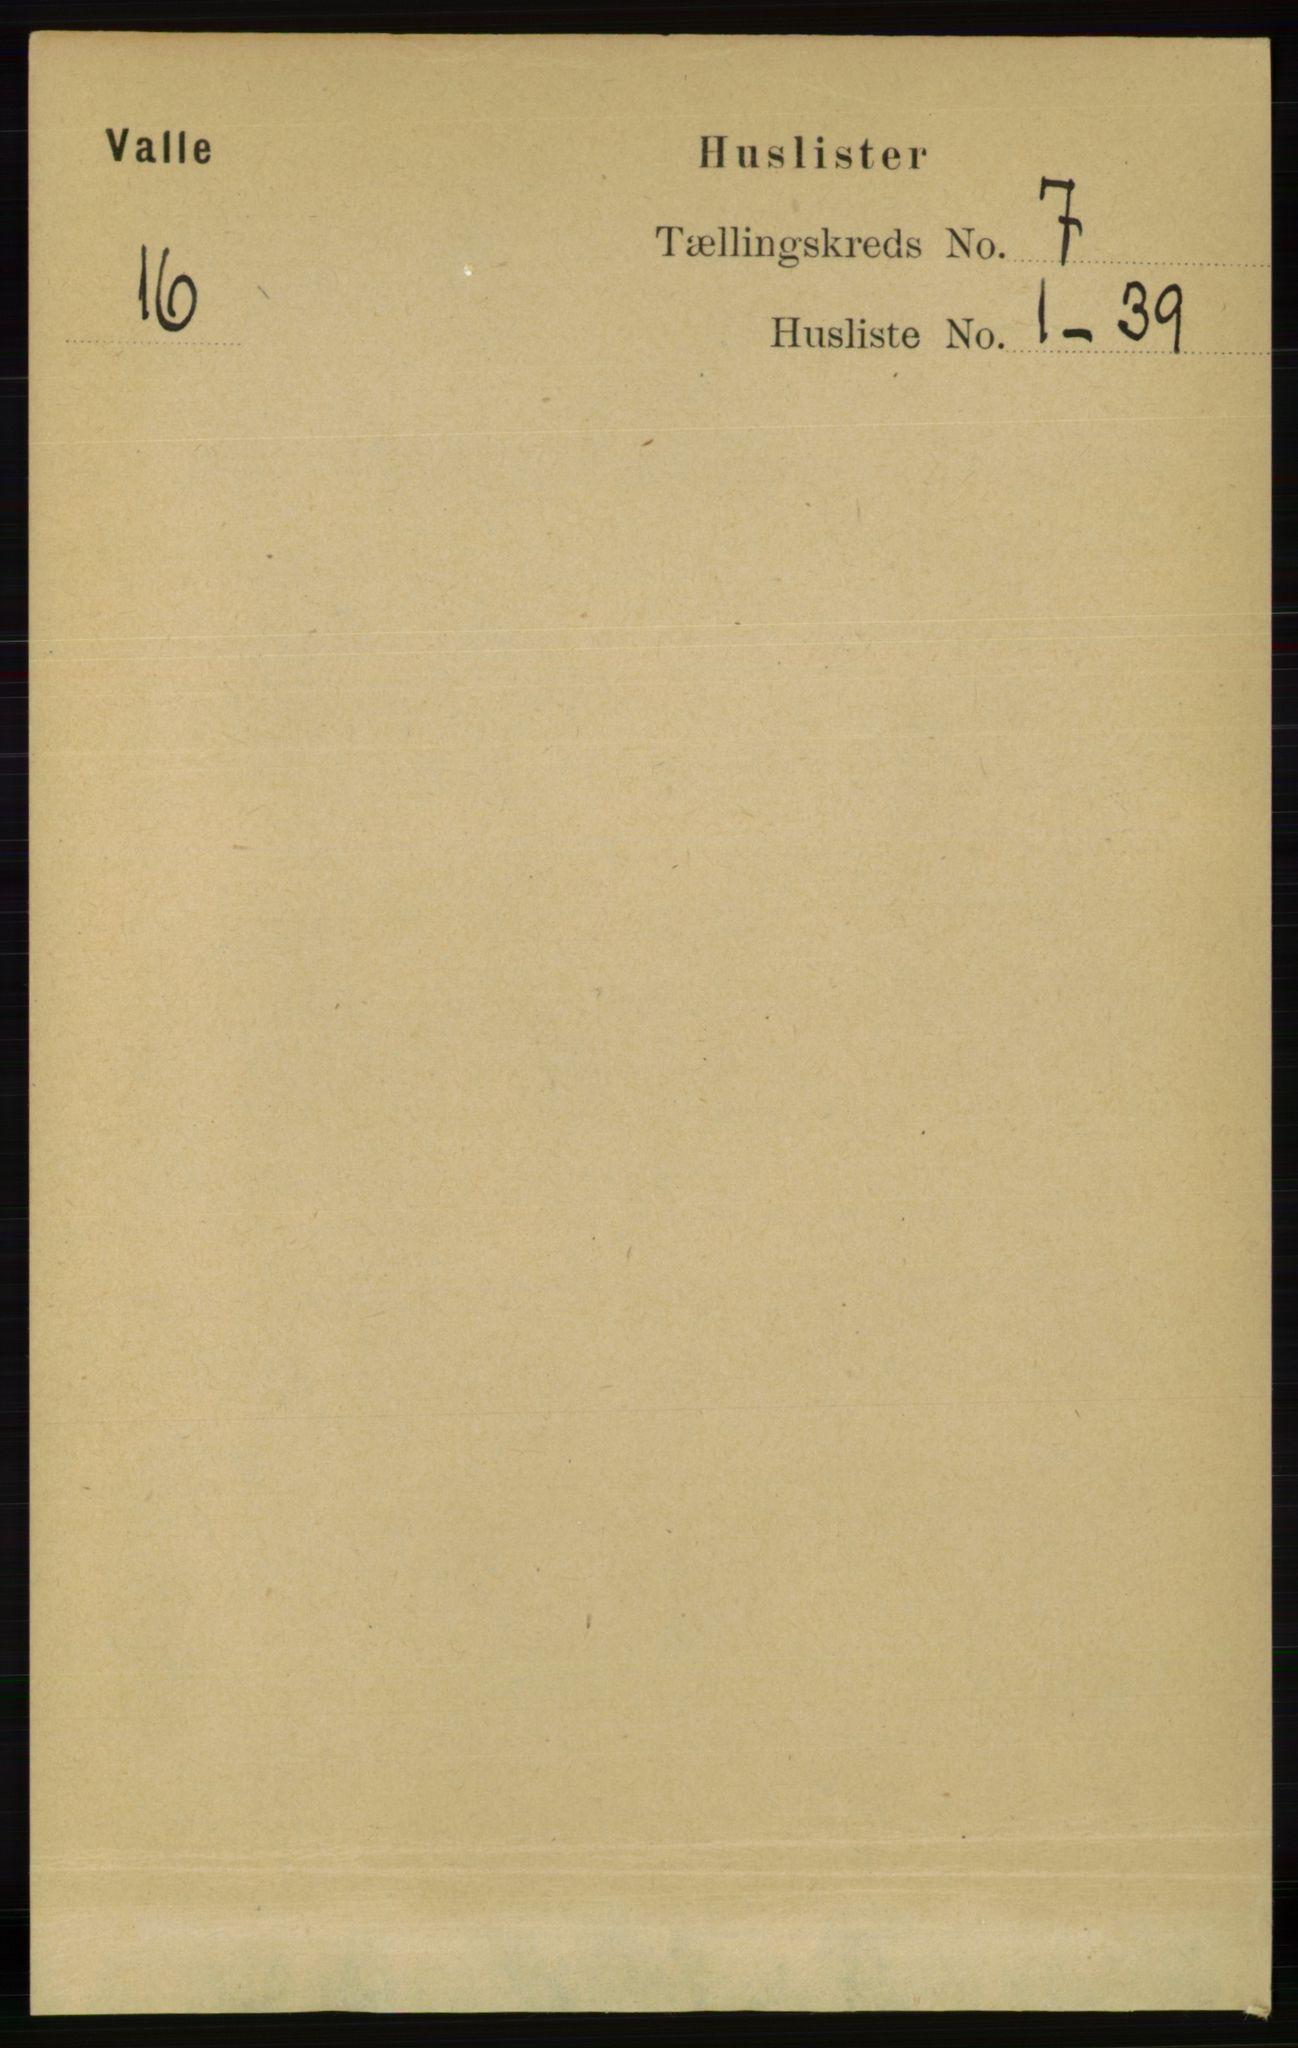 RA, Folketelling 1891 for 0940 Valle herred, 1891, s. 1923